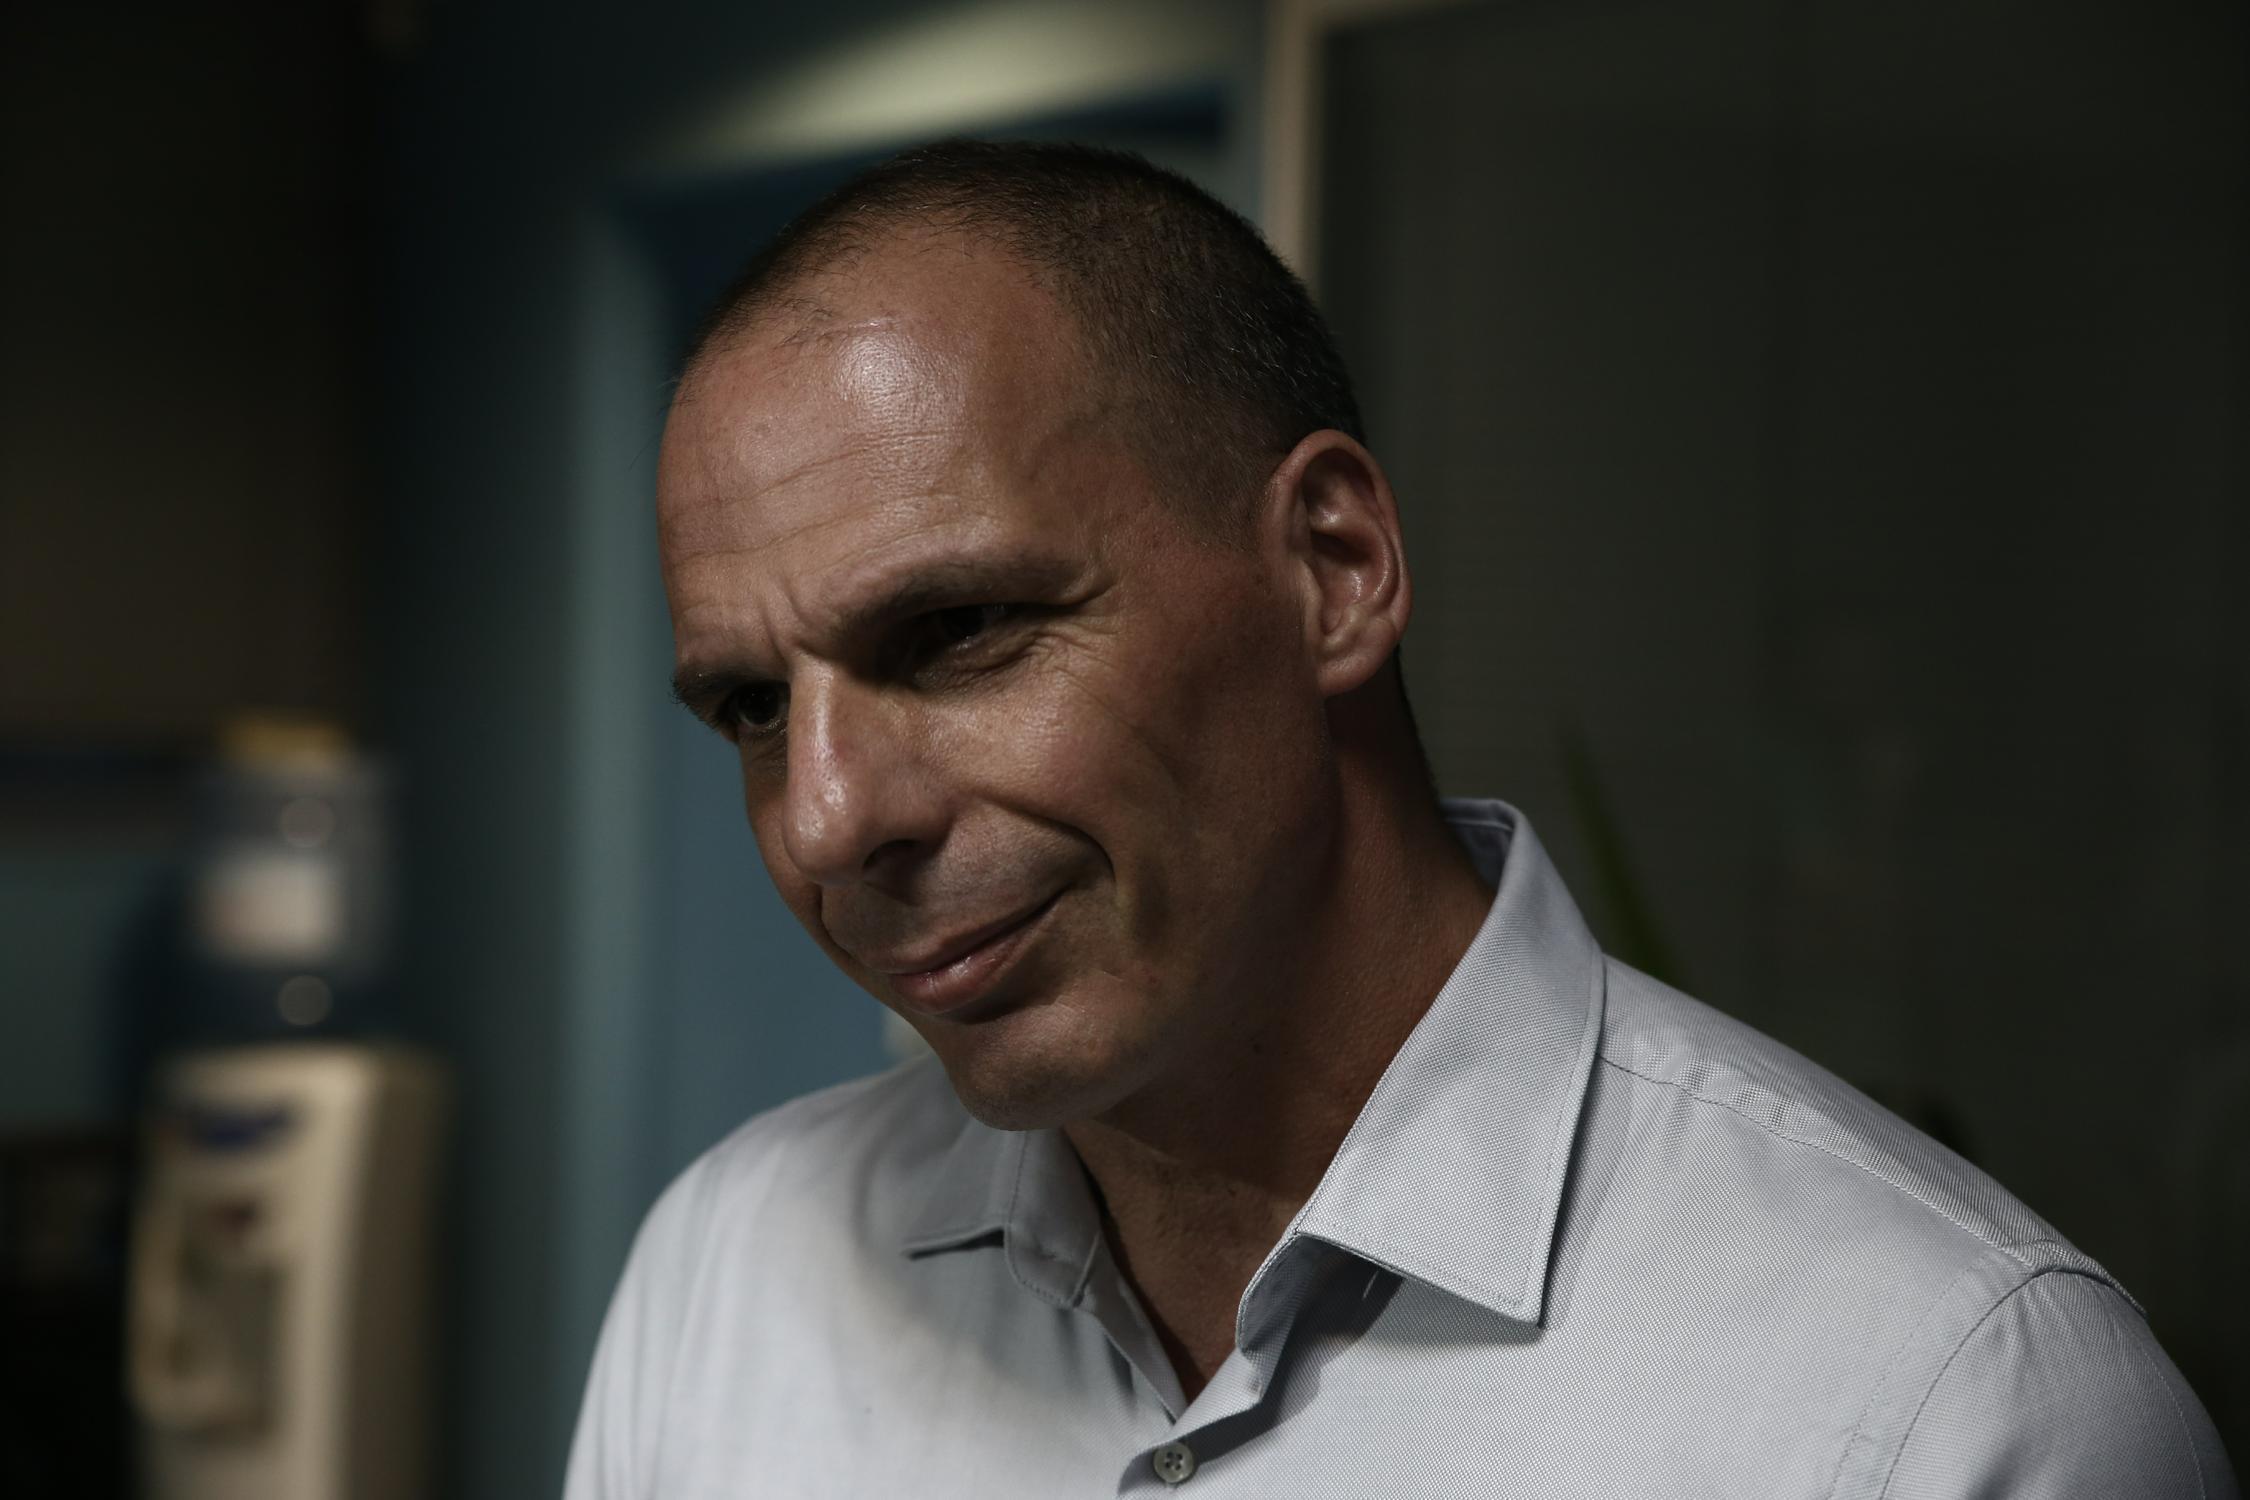 Έρευνα για το Plan B του Γ. Βαρουφάκη ξεκινά η διεύθυνση ηλεκτρονικού εγκλήματος της ΕΛΑΣ